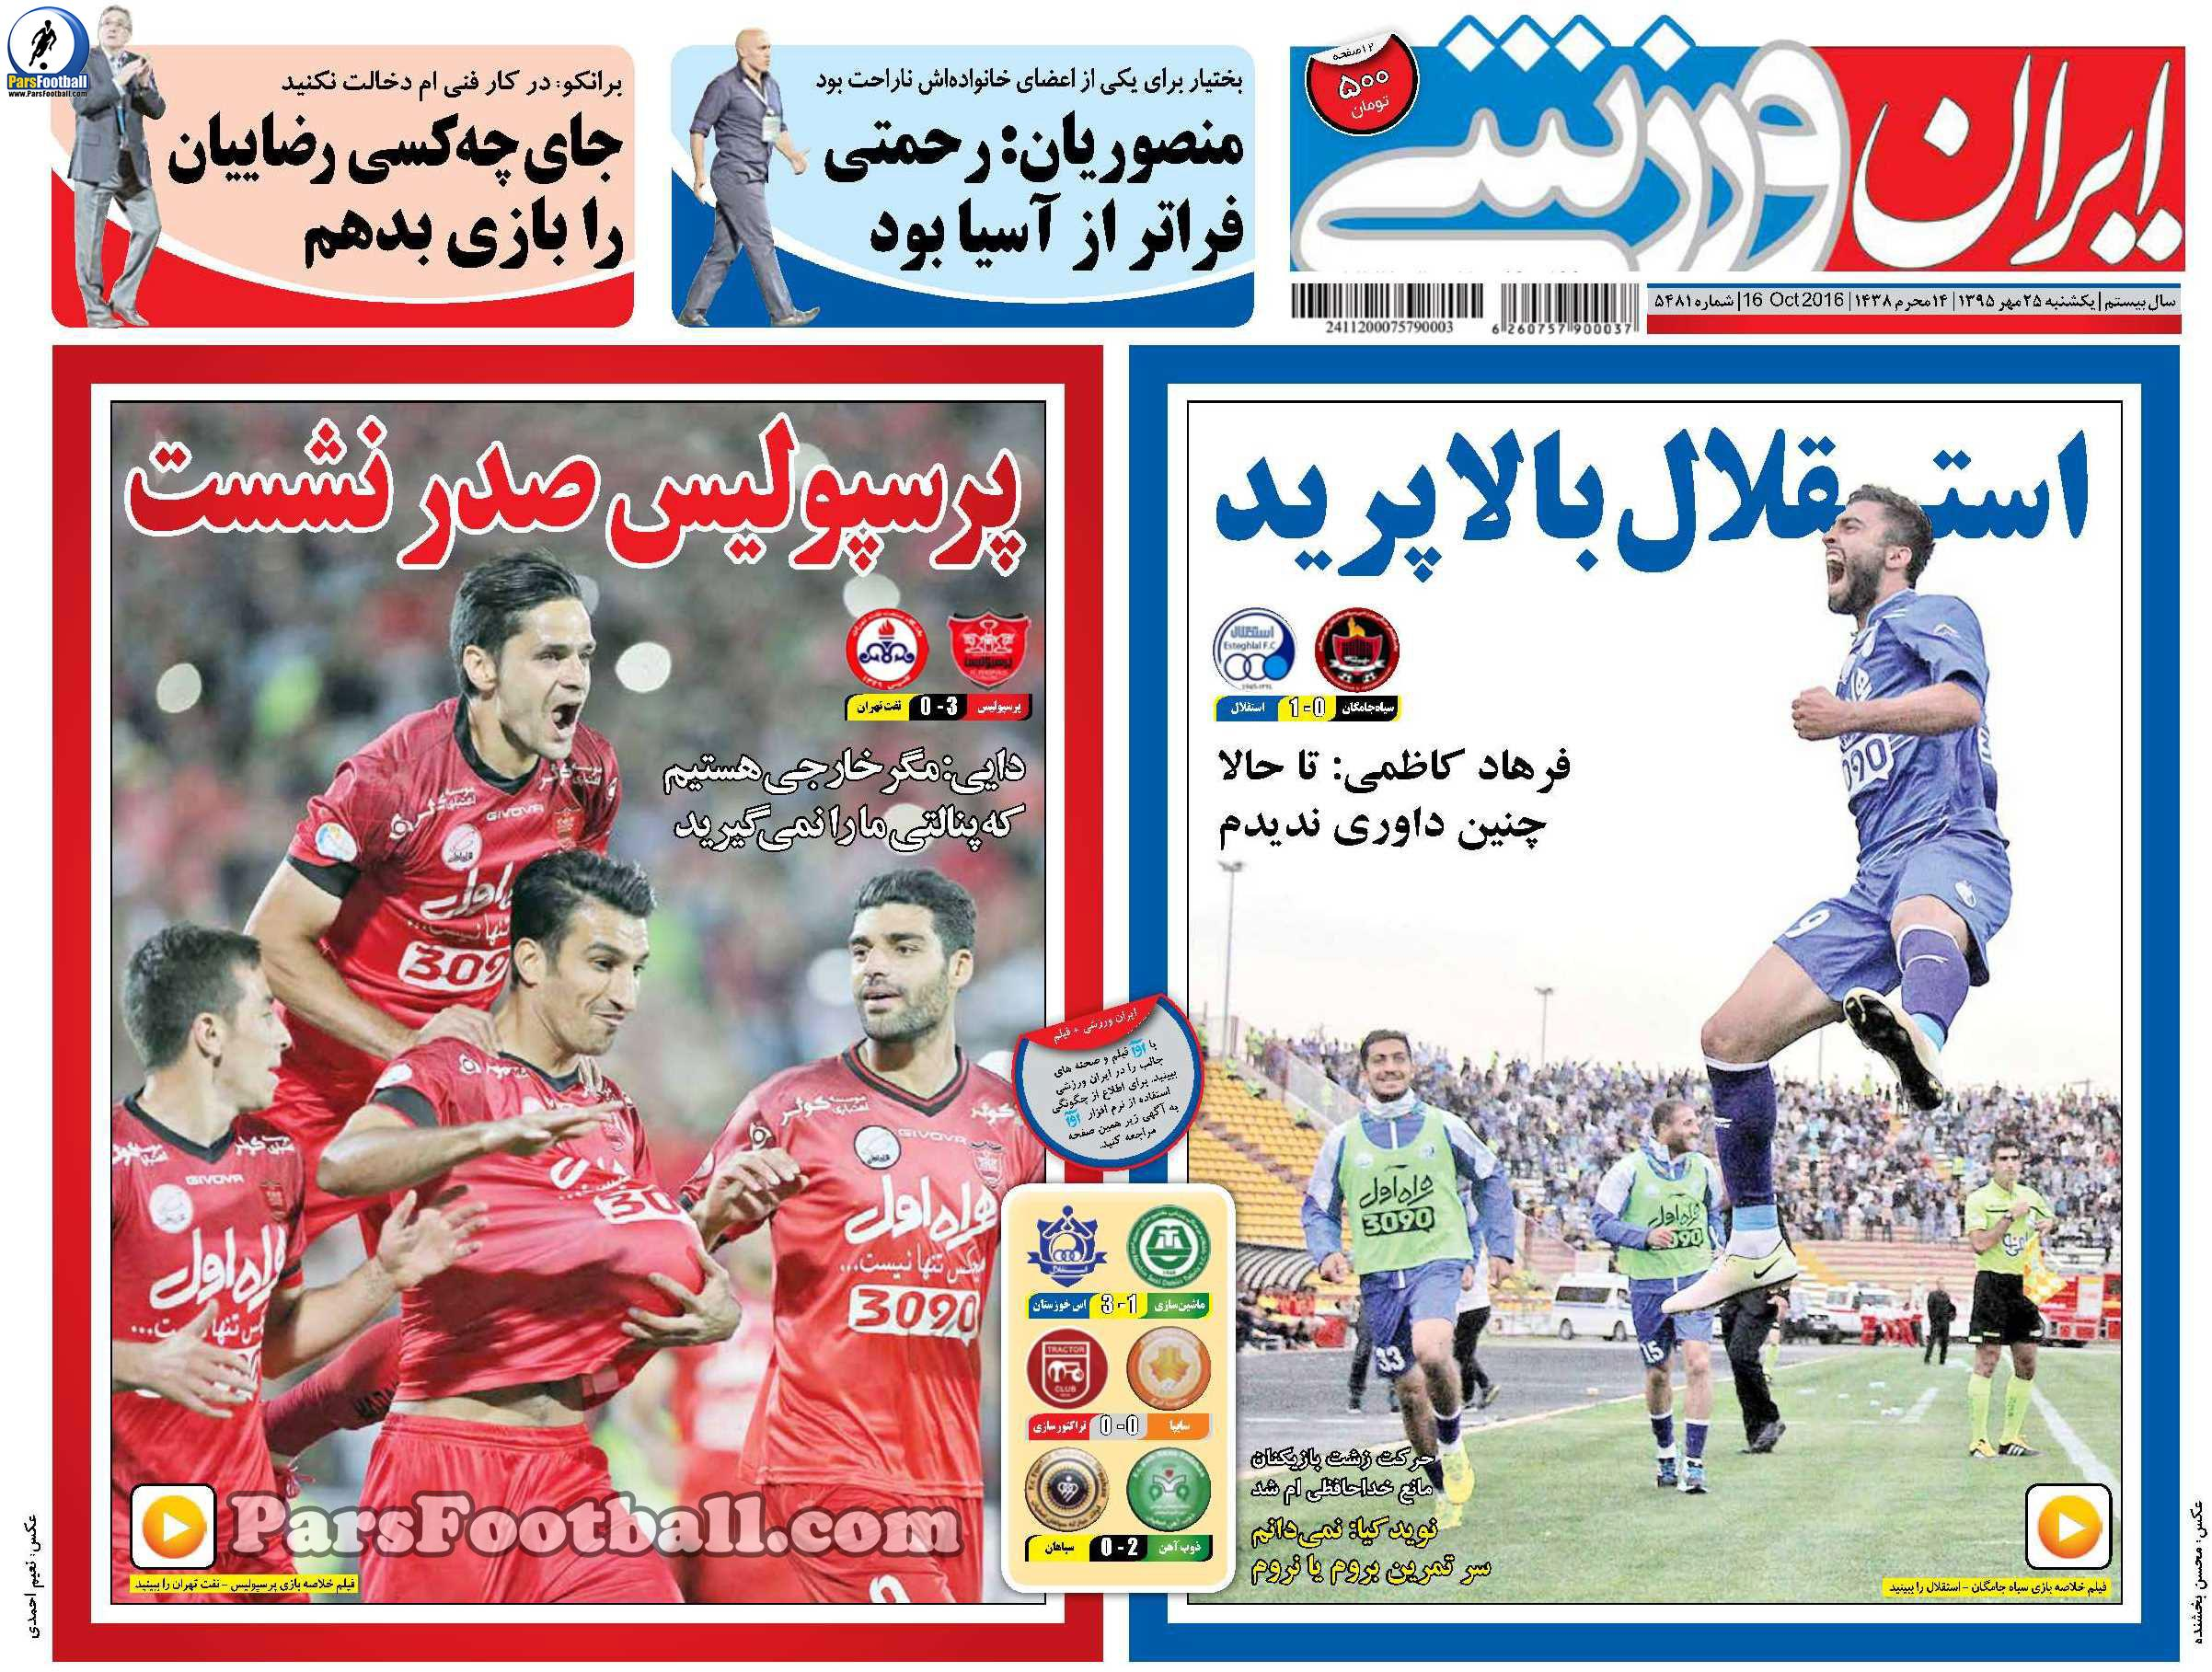 روزنامه ایران ورزشی یکشنبه 25 مهر 95